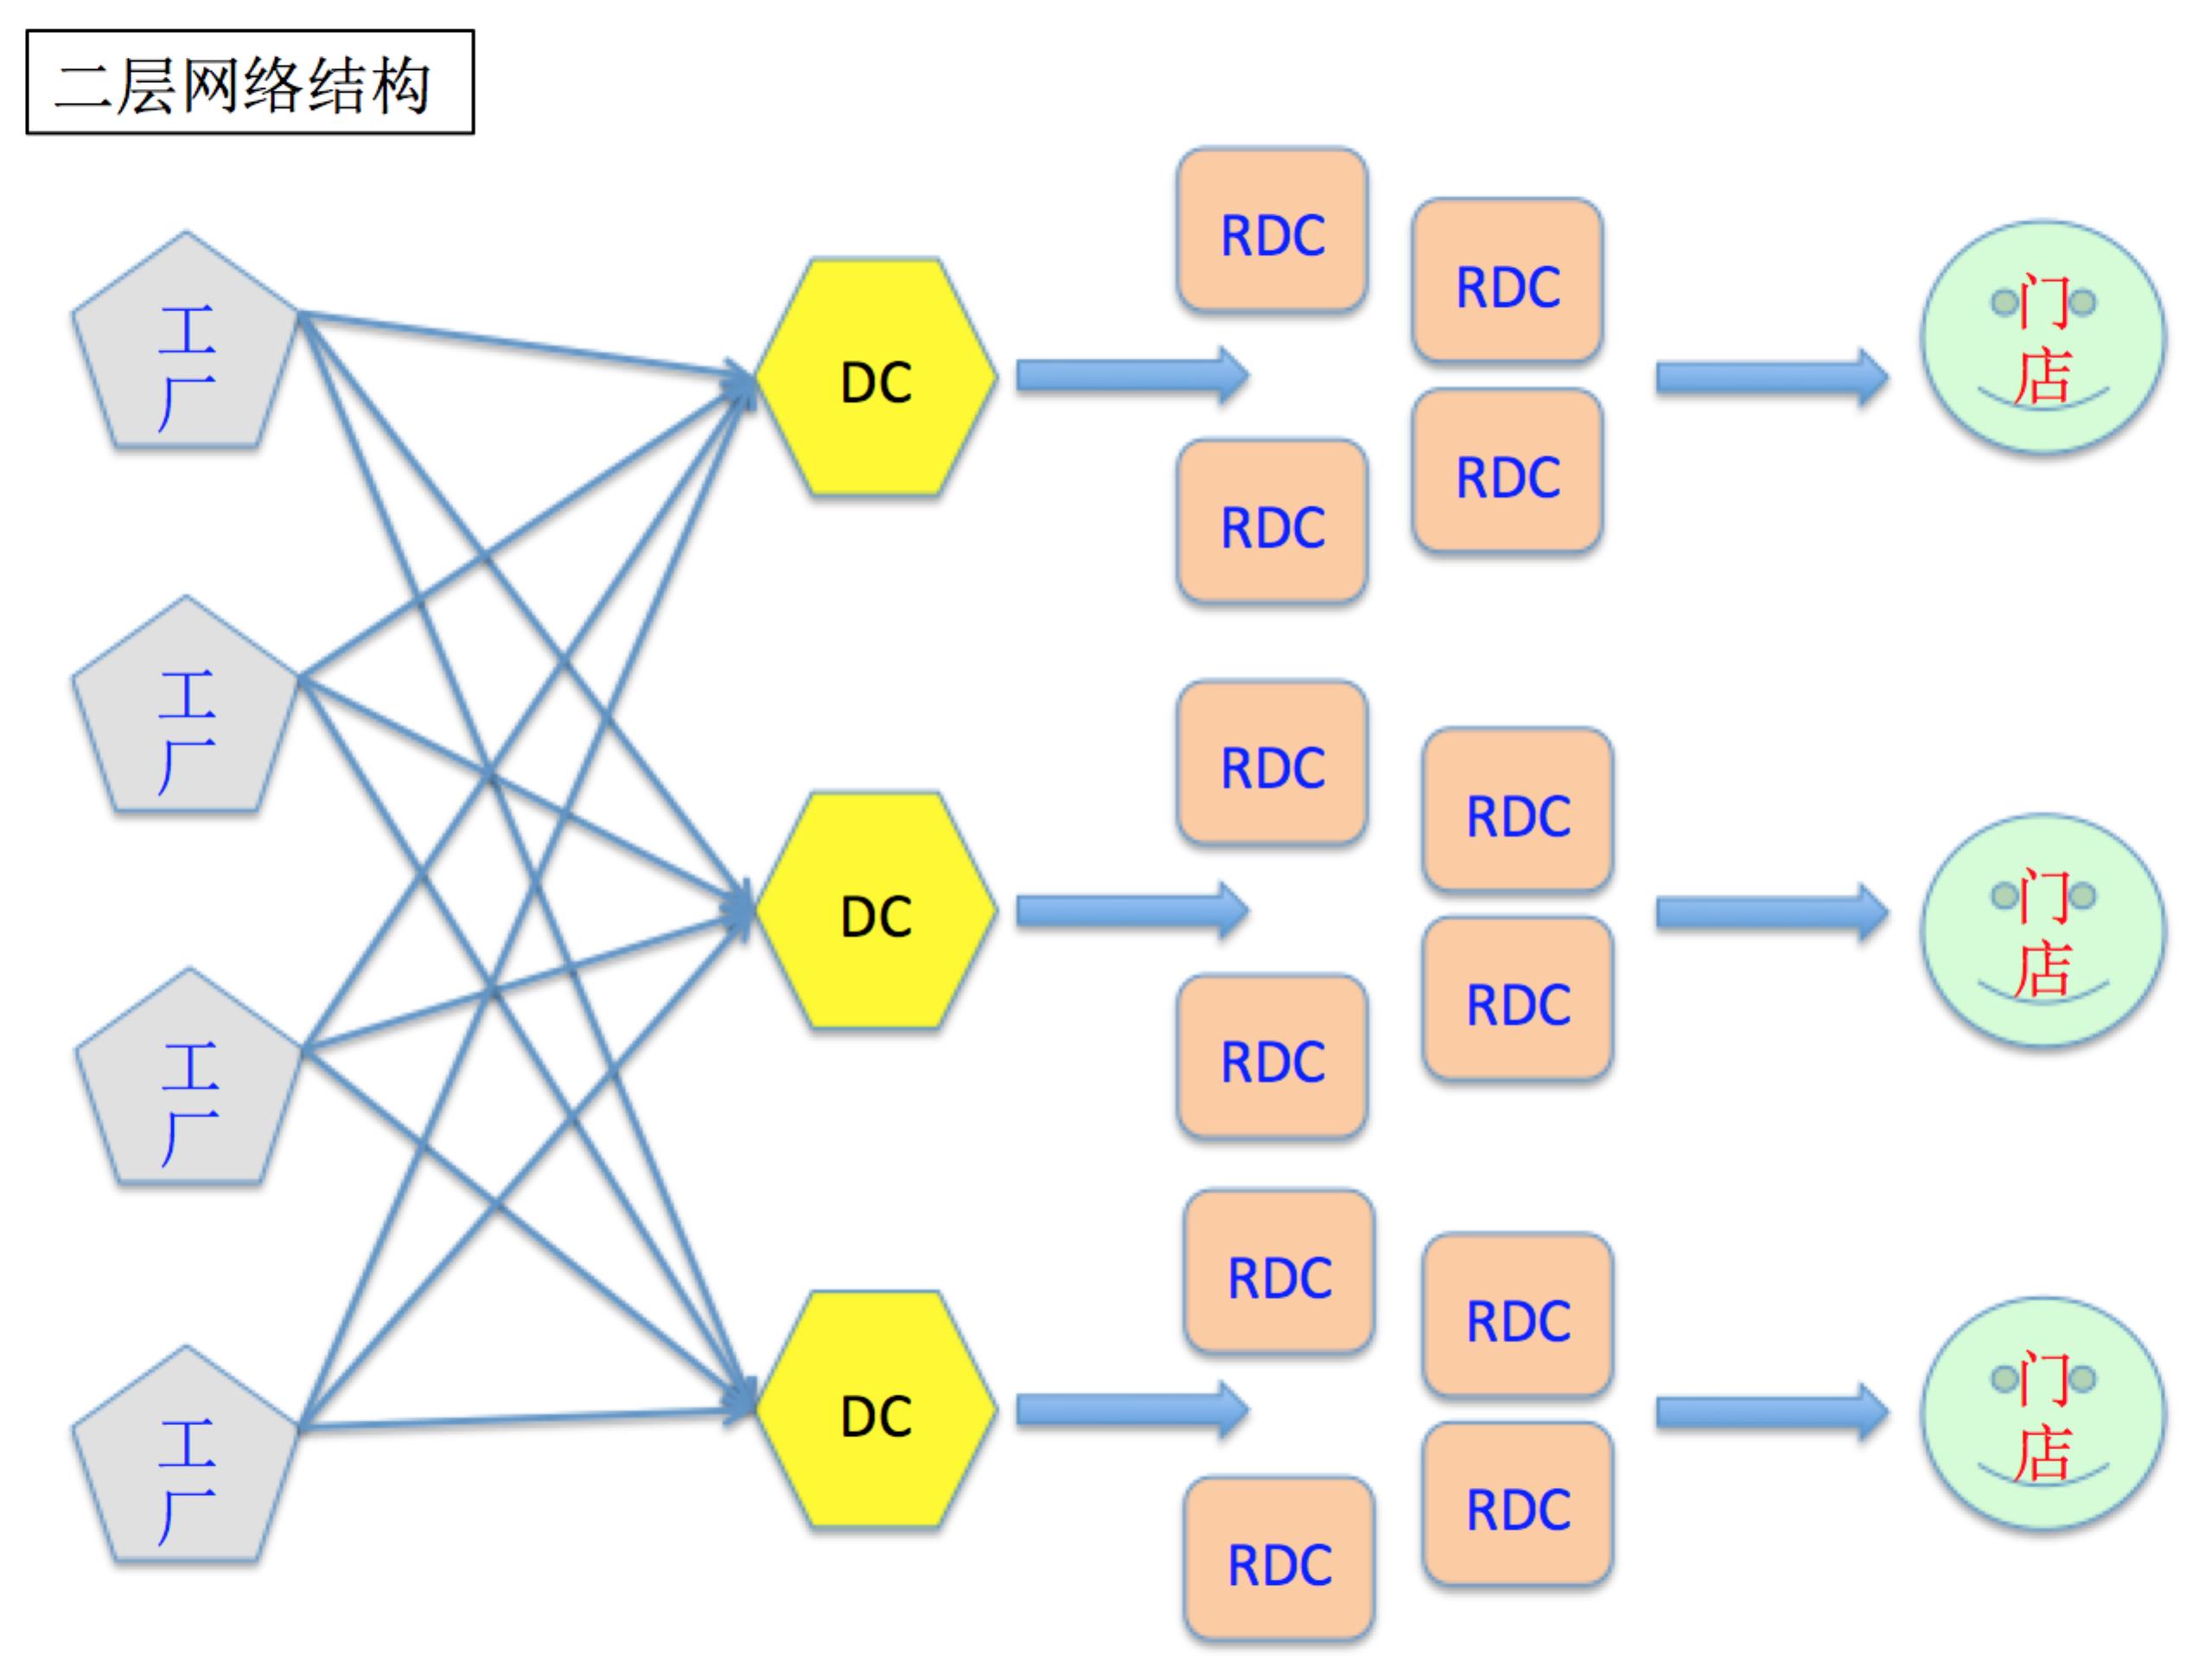 论大型连锁企业的供应链网络体系规划